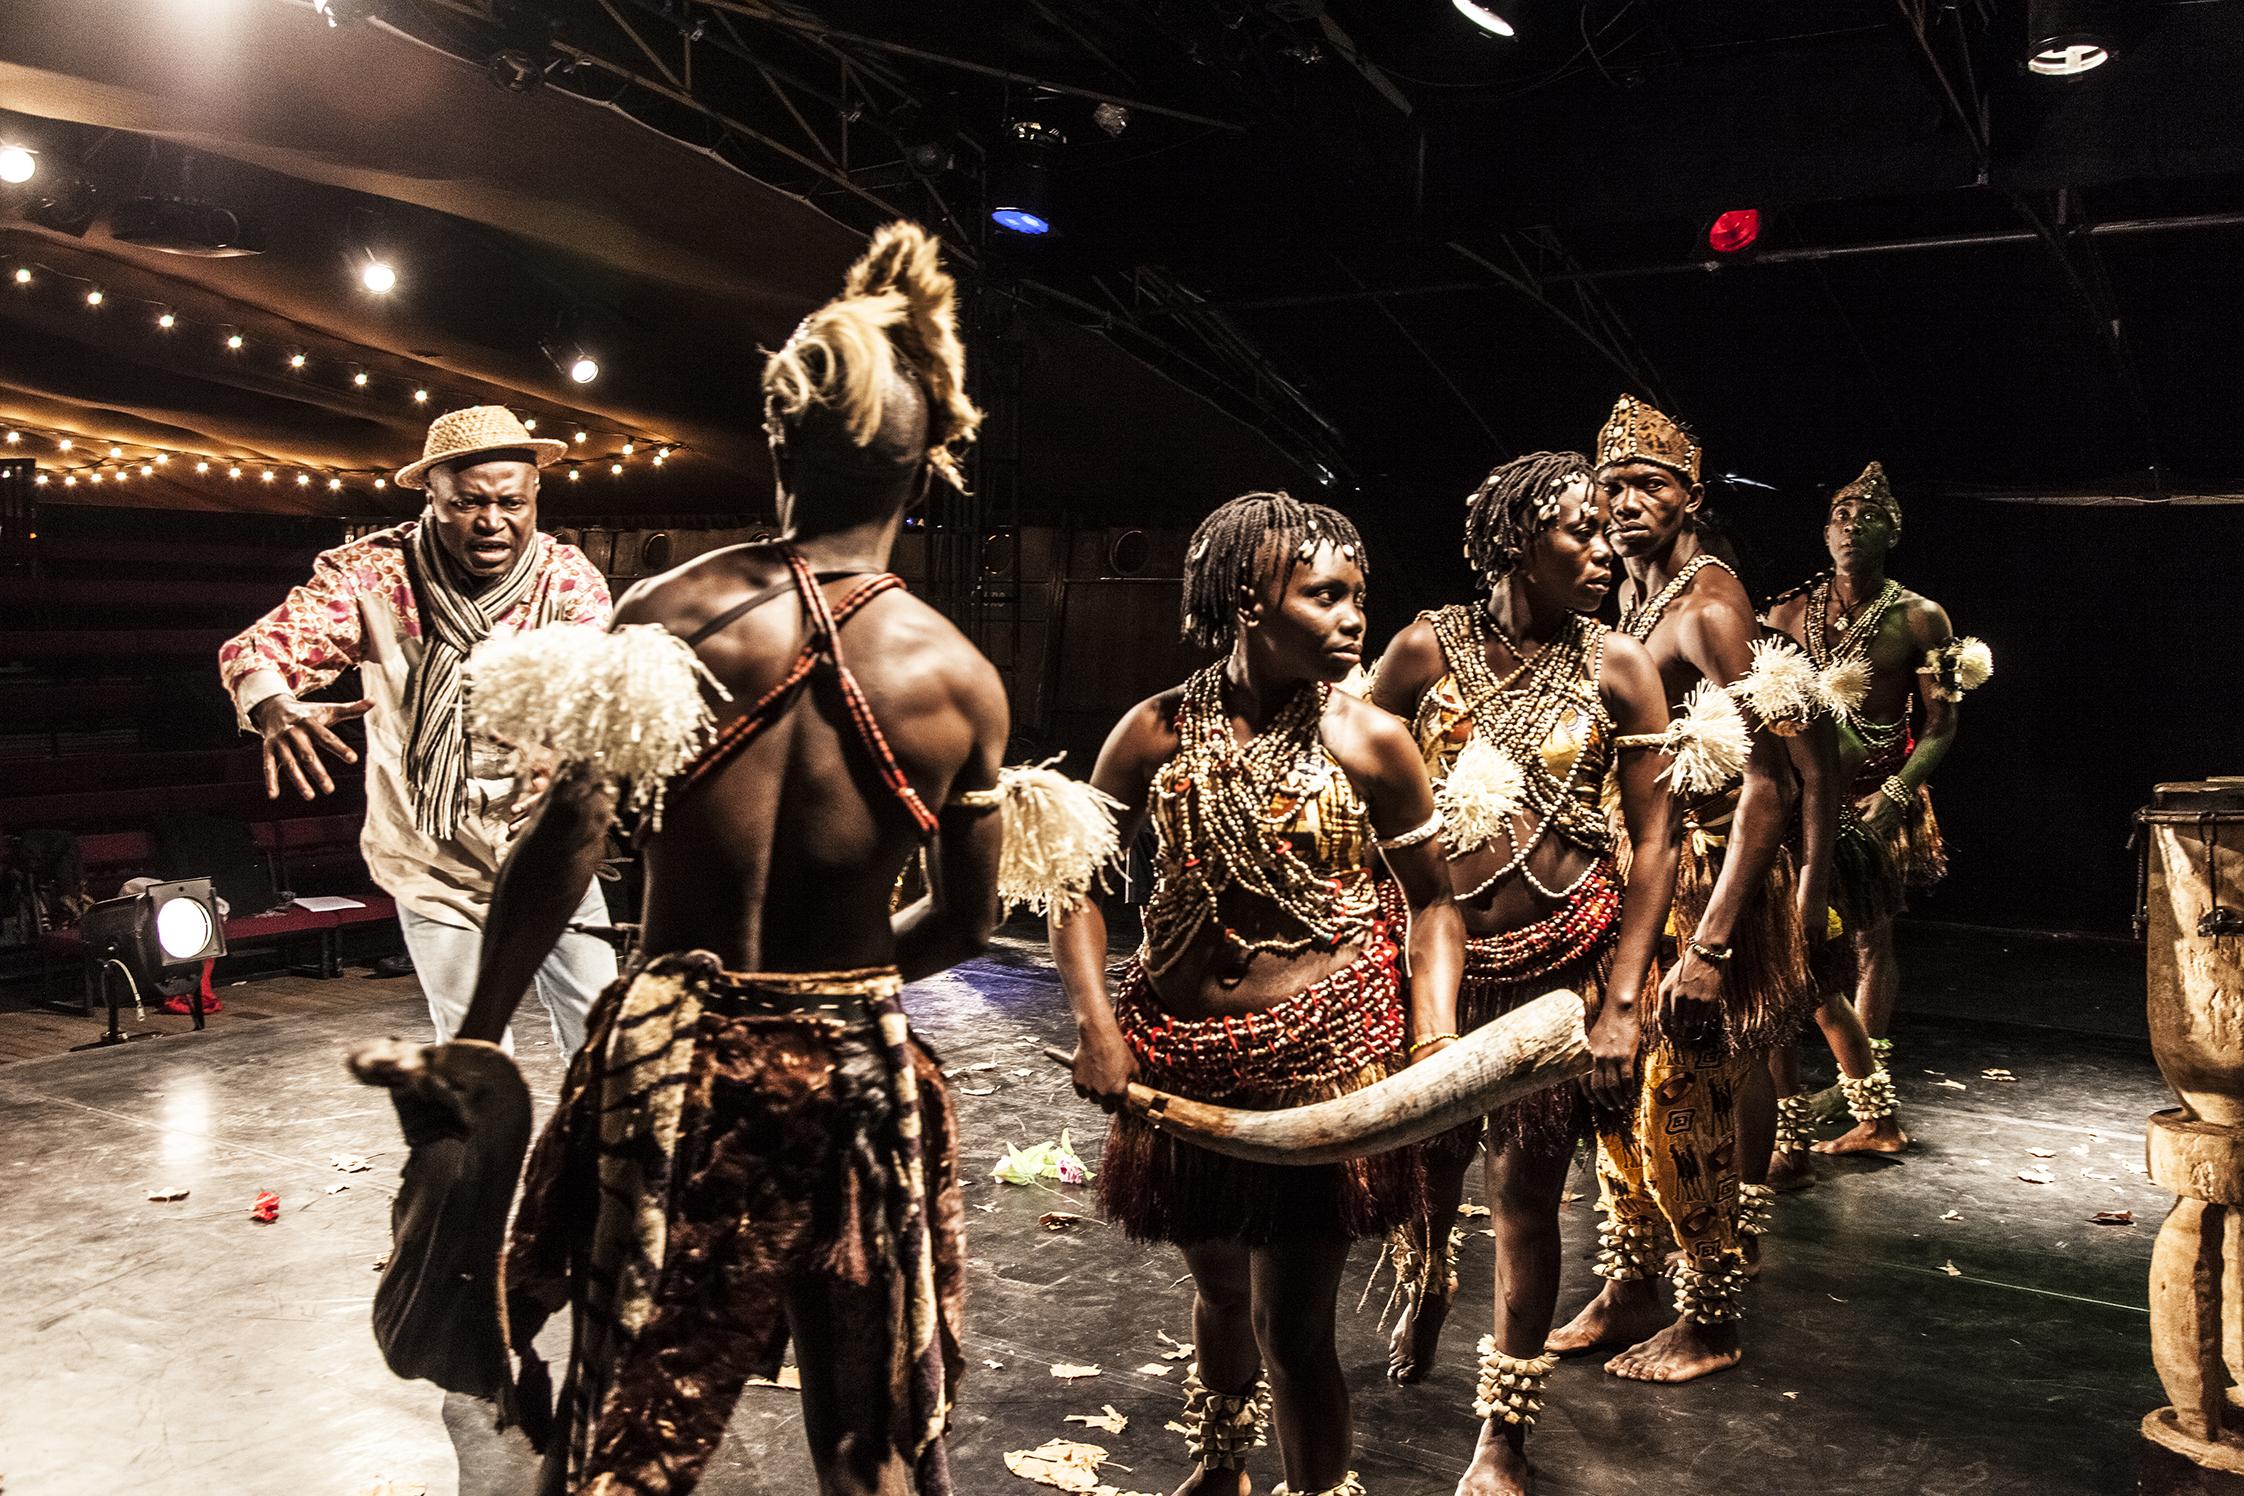 Vincent MAMBACHAKA -  Paris - France - 26/02/2014 Songo la Rencontre, spectacle écrit dans les deux langues sango et français mêlés, fut créé à Bangui il y a juste vingt ans grâce à l'association du Centrafricain Vincent MAMBACHAKA et du Français Richard DEMARCY